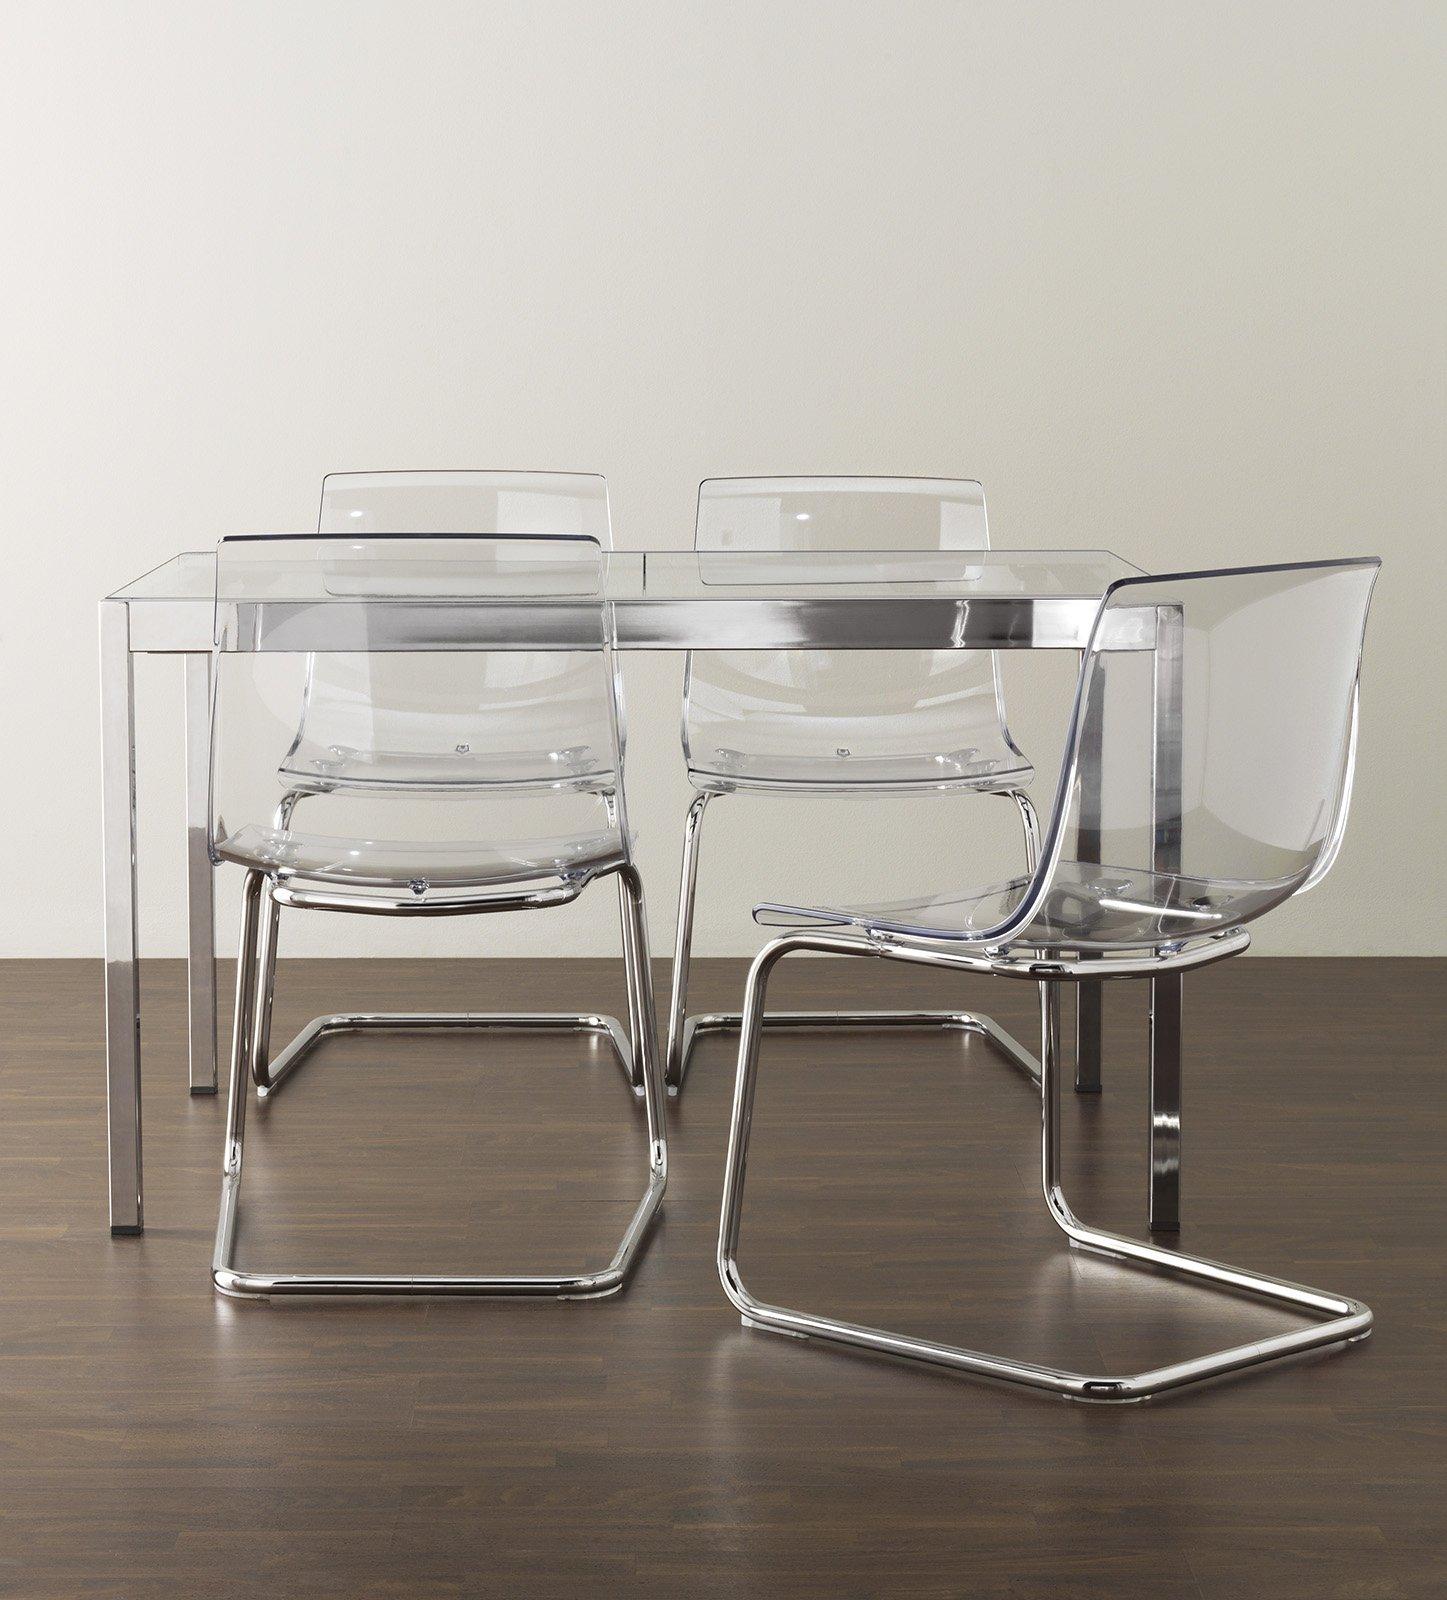 Ikea tobias sedie trasparenti cose di casa - Tavoli e sedie bar ikea ...